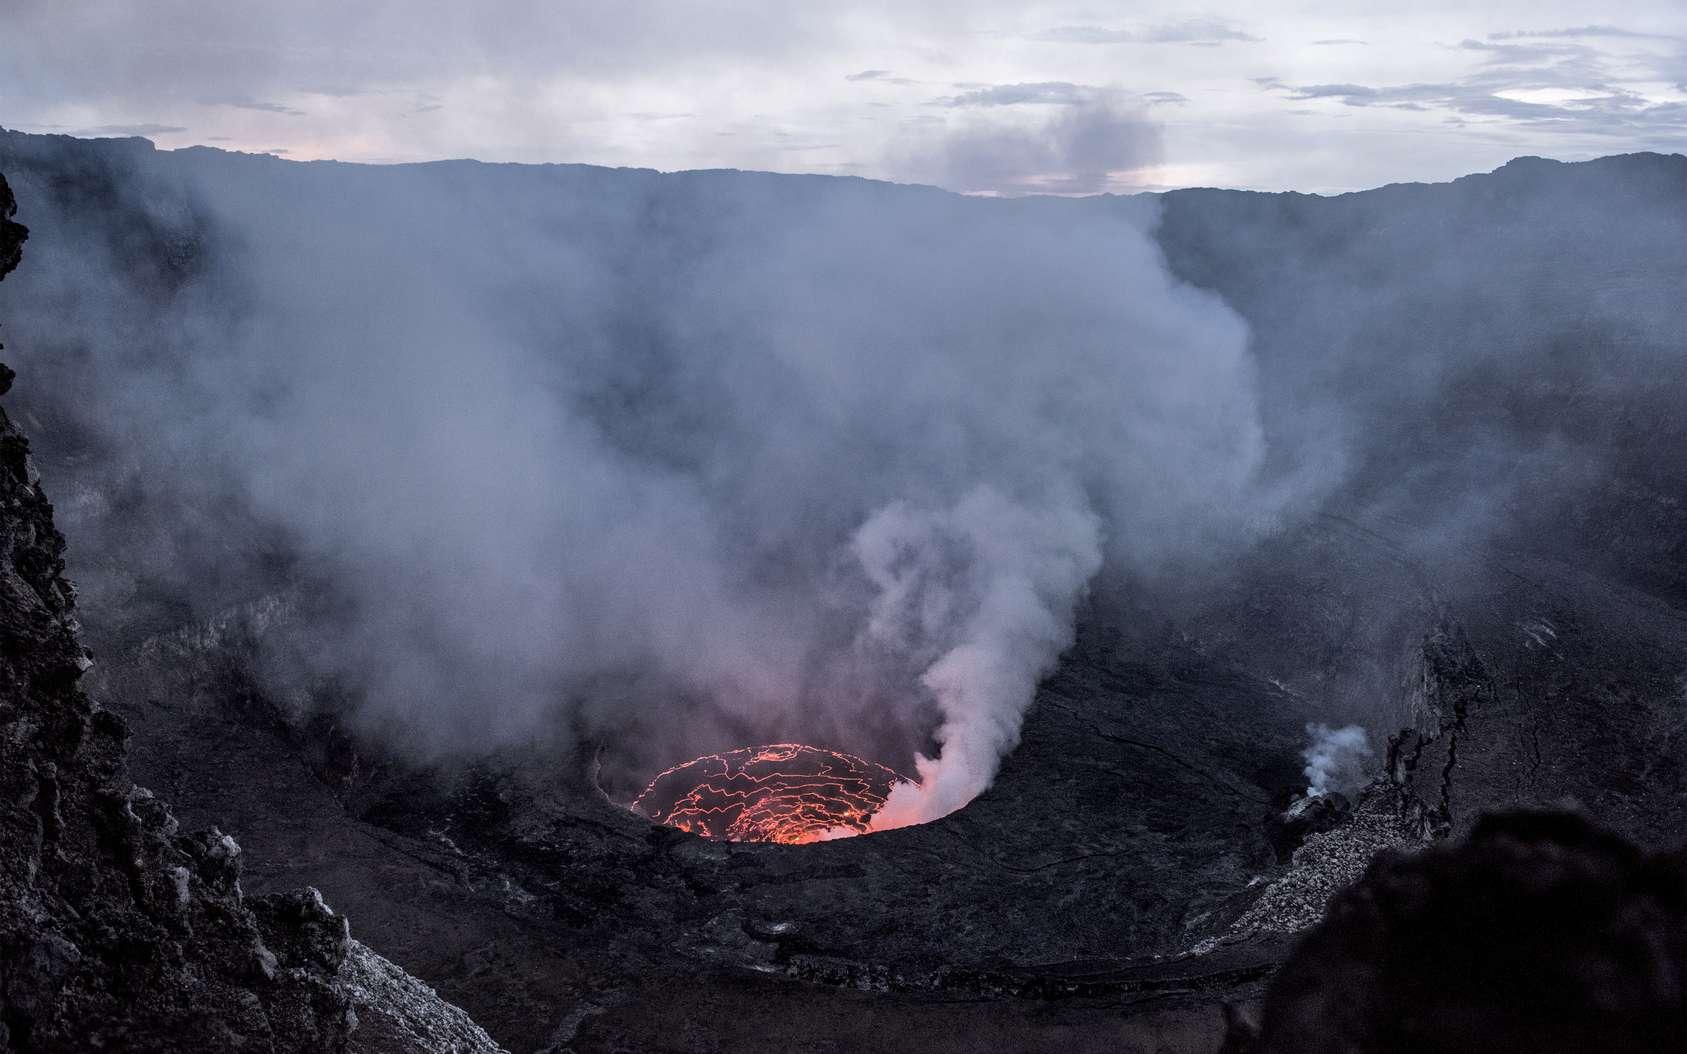 Une photo du lac de lave permanent du volcan Nyiragongo en Afrique, découvert par Haroun Tazieff. © Fotolia, Eric Isselée